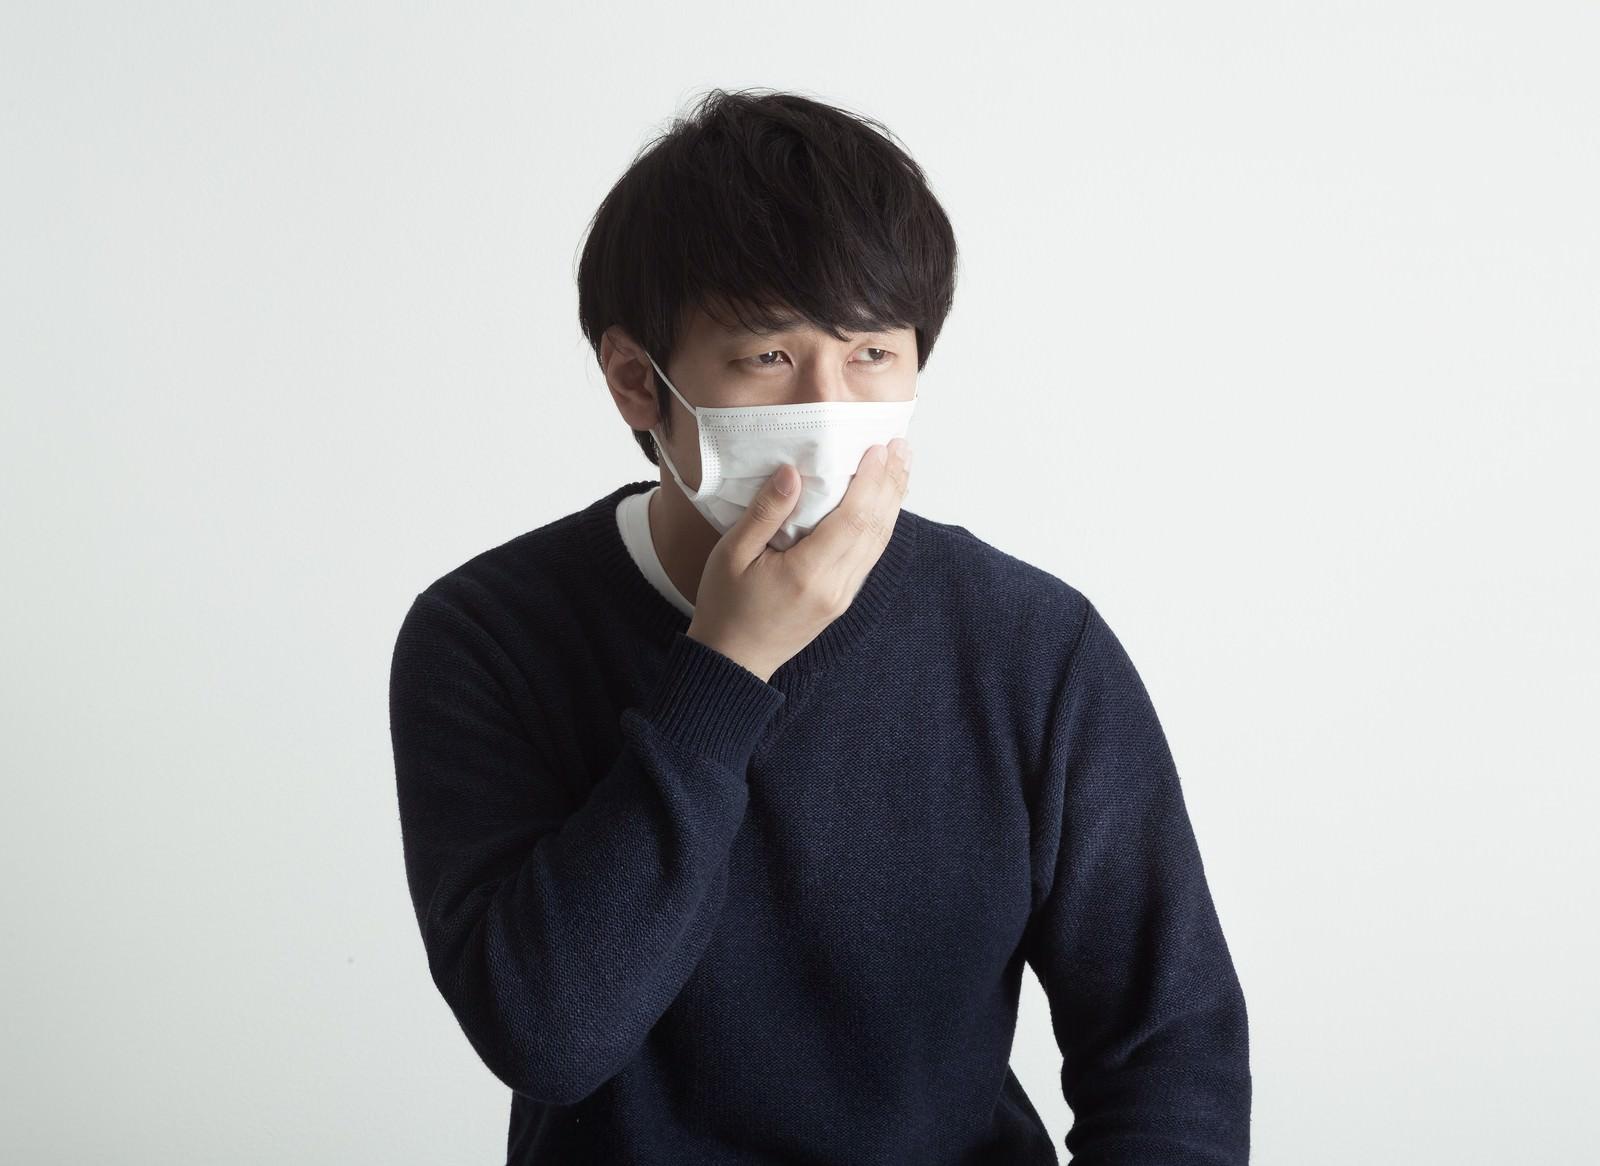 「病院の待合室で苦しそうな顔をするクランケ」の写真[モデル:大川竜弥]